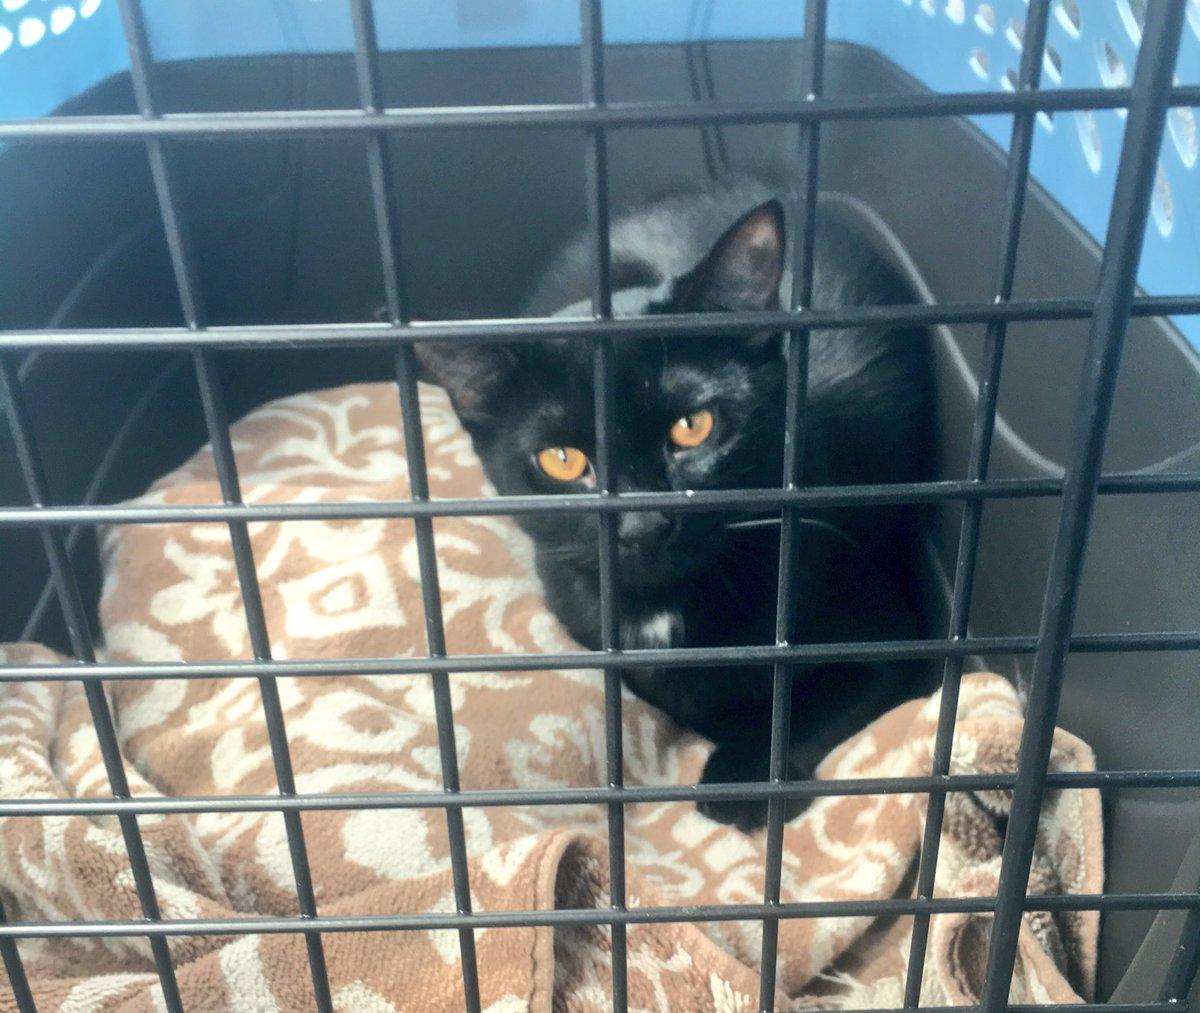 Meet Mutie! Cat lady level 2 unlocked!